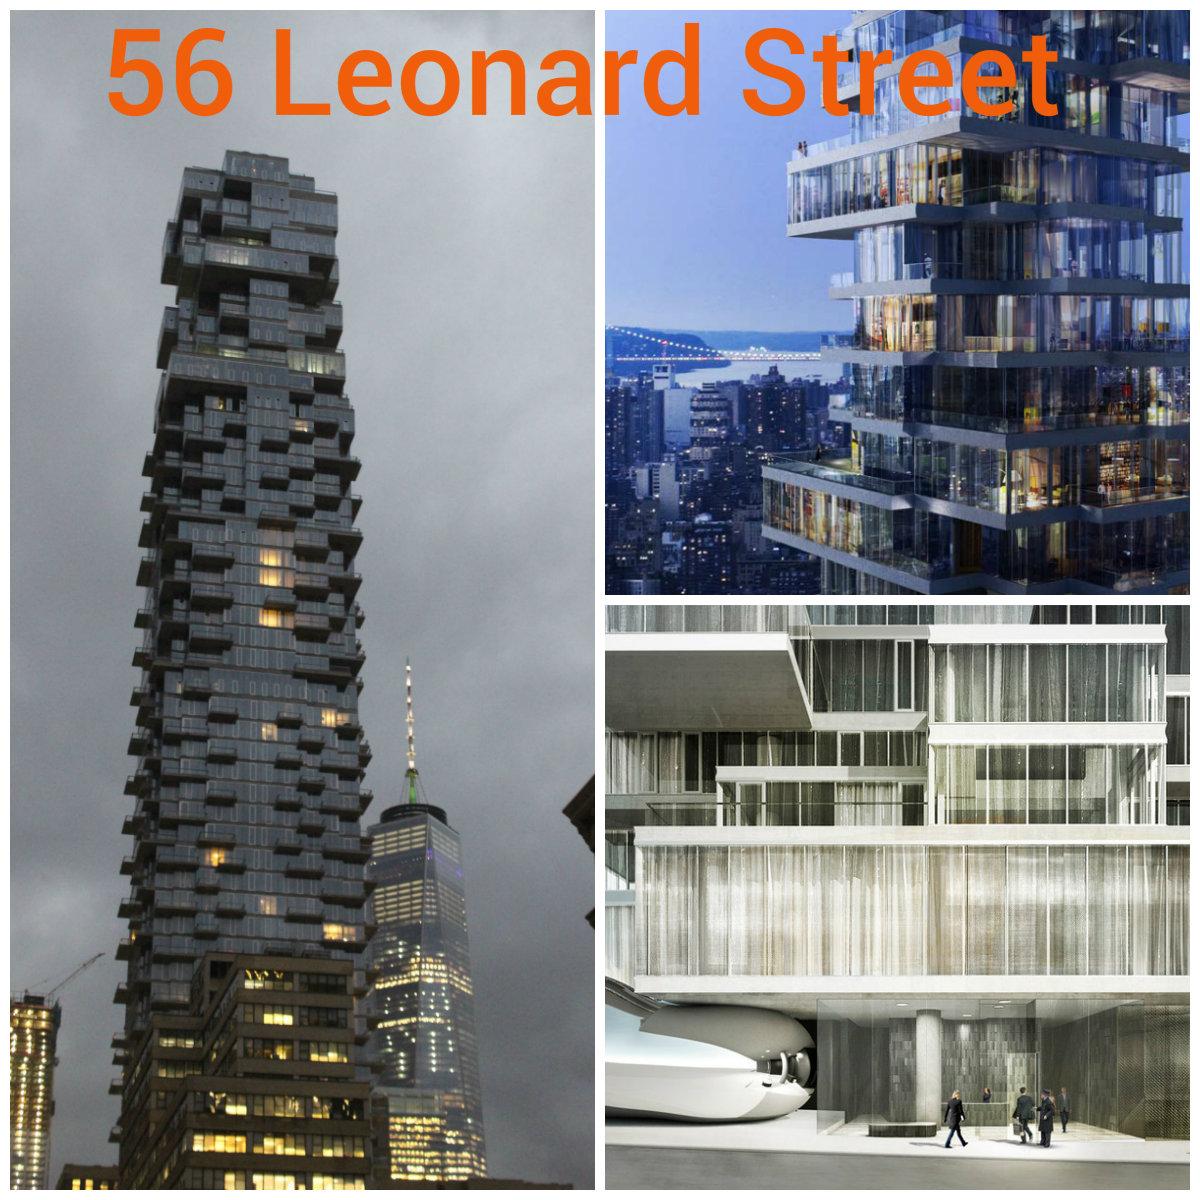 神秘买家投资5300多万美元买下曼哈顿翠贝卡街区全新奇特公寓层叠大厦的PH53和54!(草稿 ..._图1-1